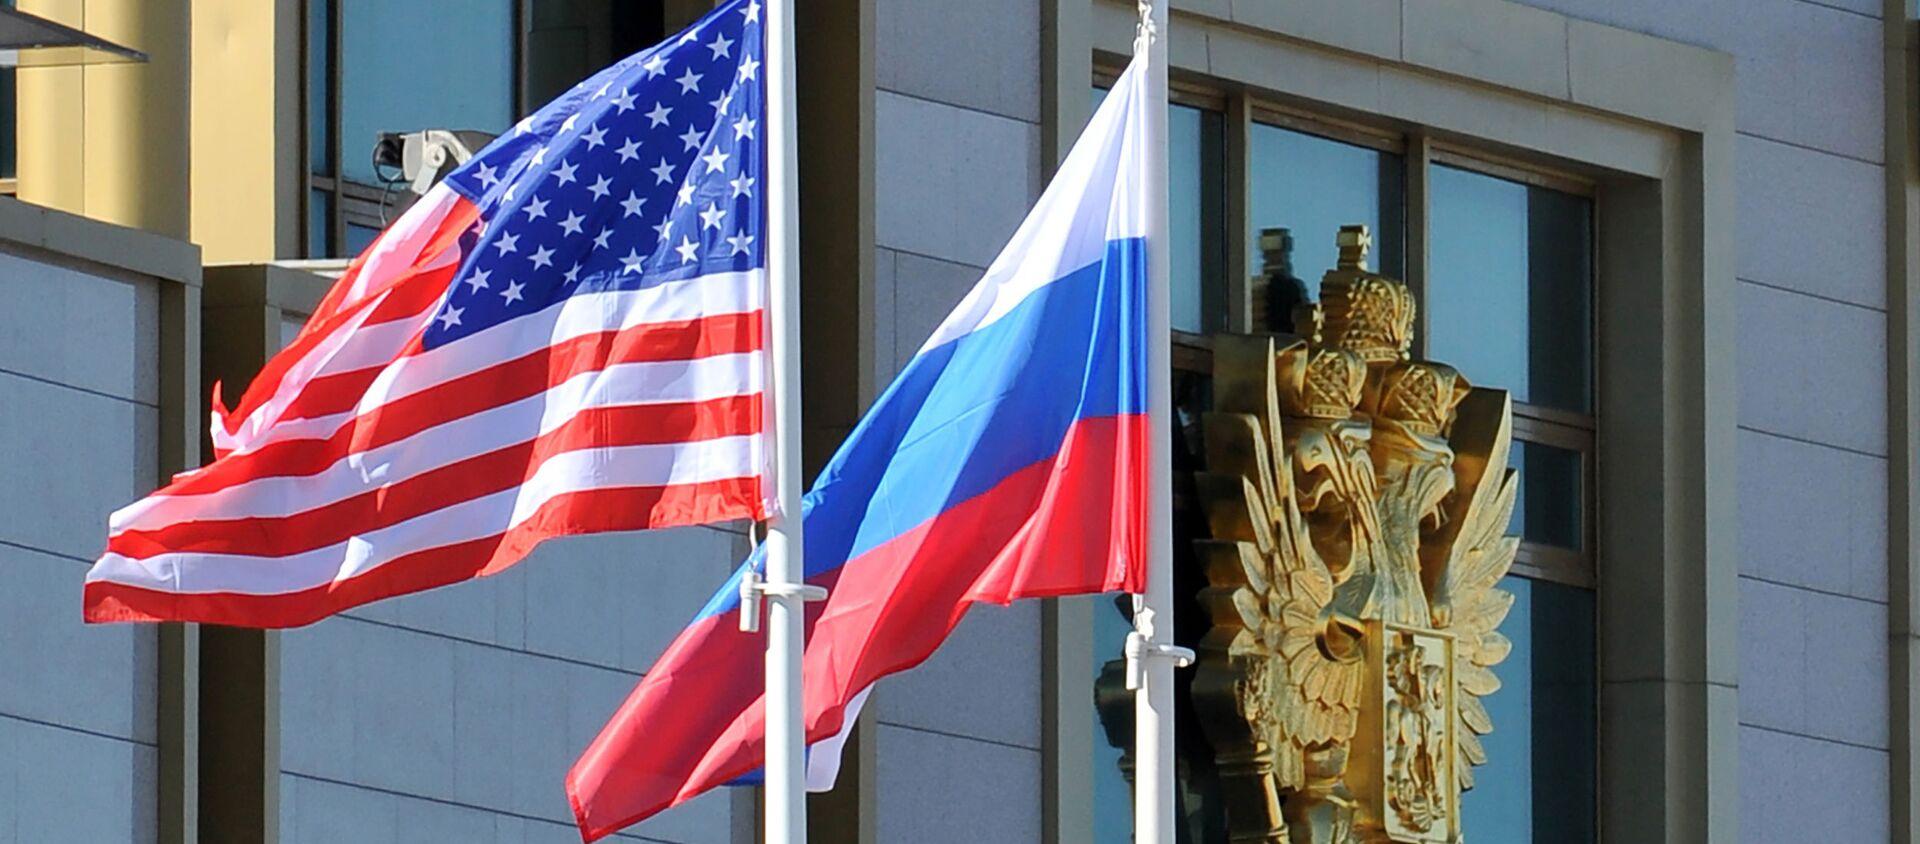 Cờ Nga và Mỹ - Sputnik Việt Nam, 1920, 23.04.2021